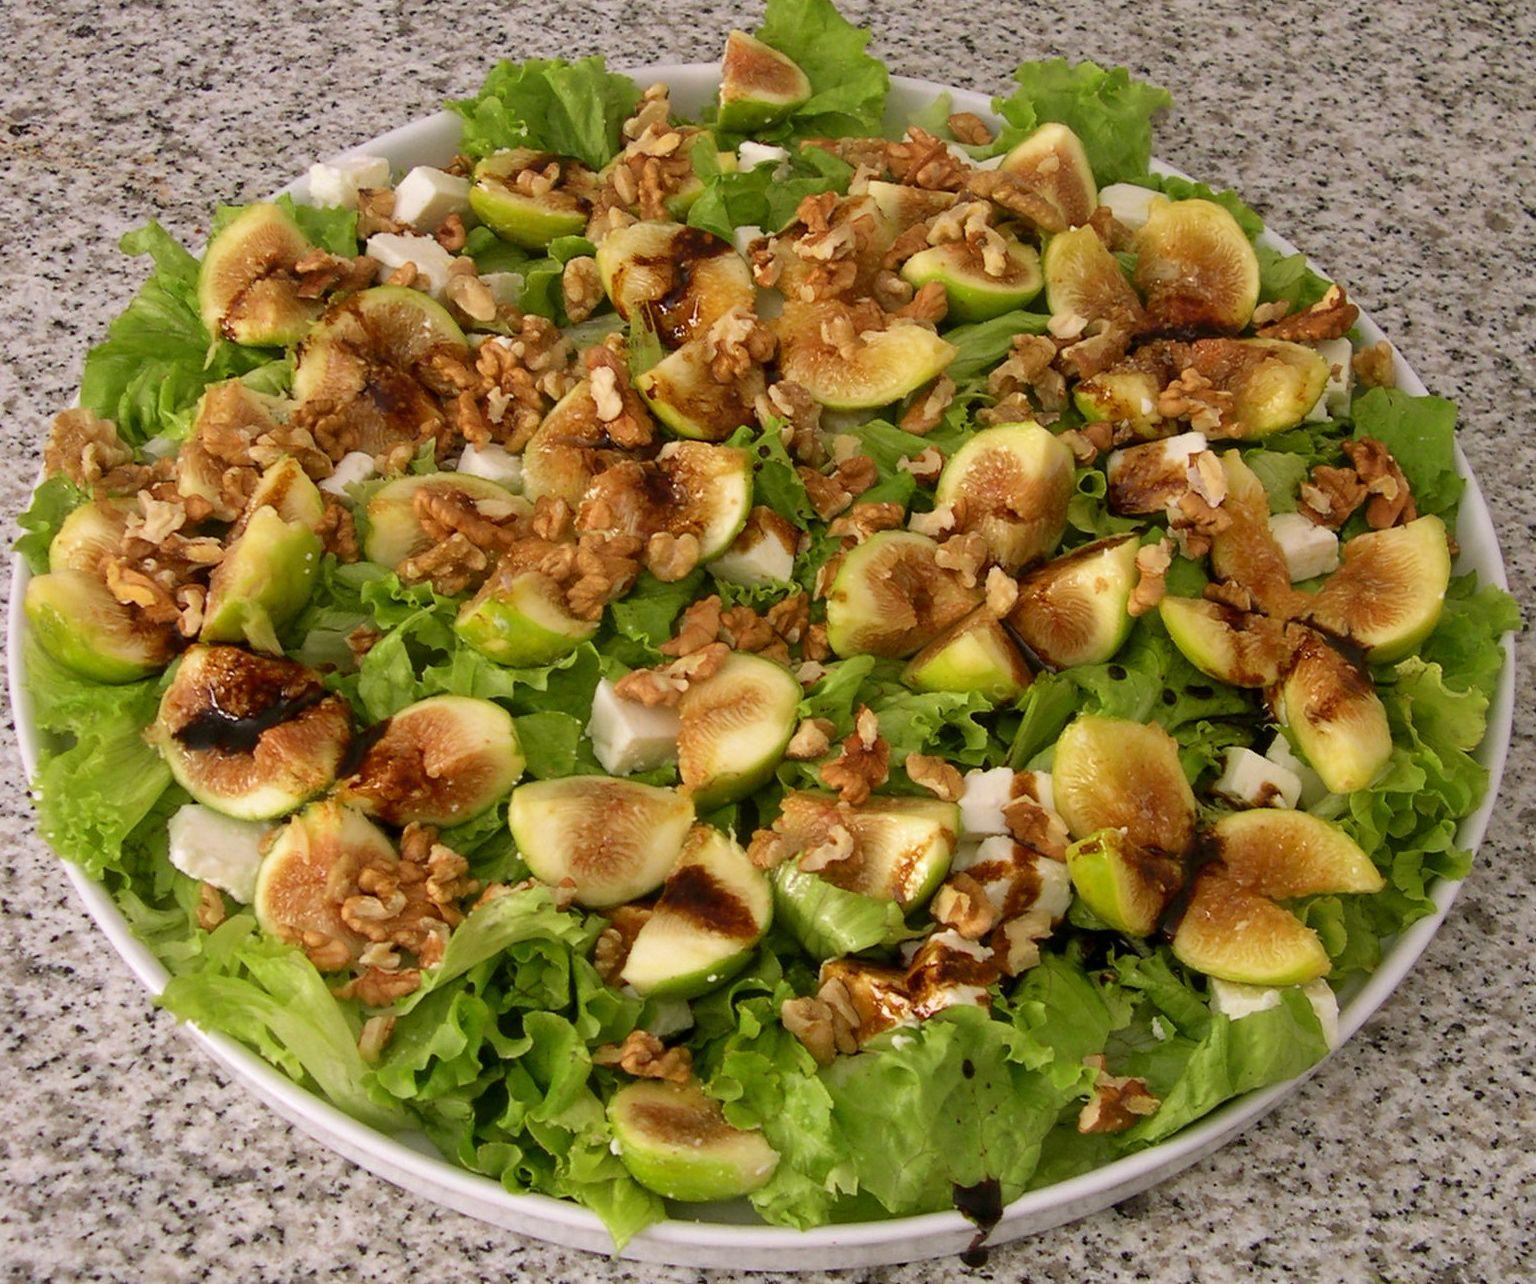 Ensalada de otoño con lechuga, queso, nueces e higos